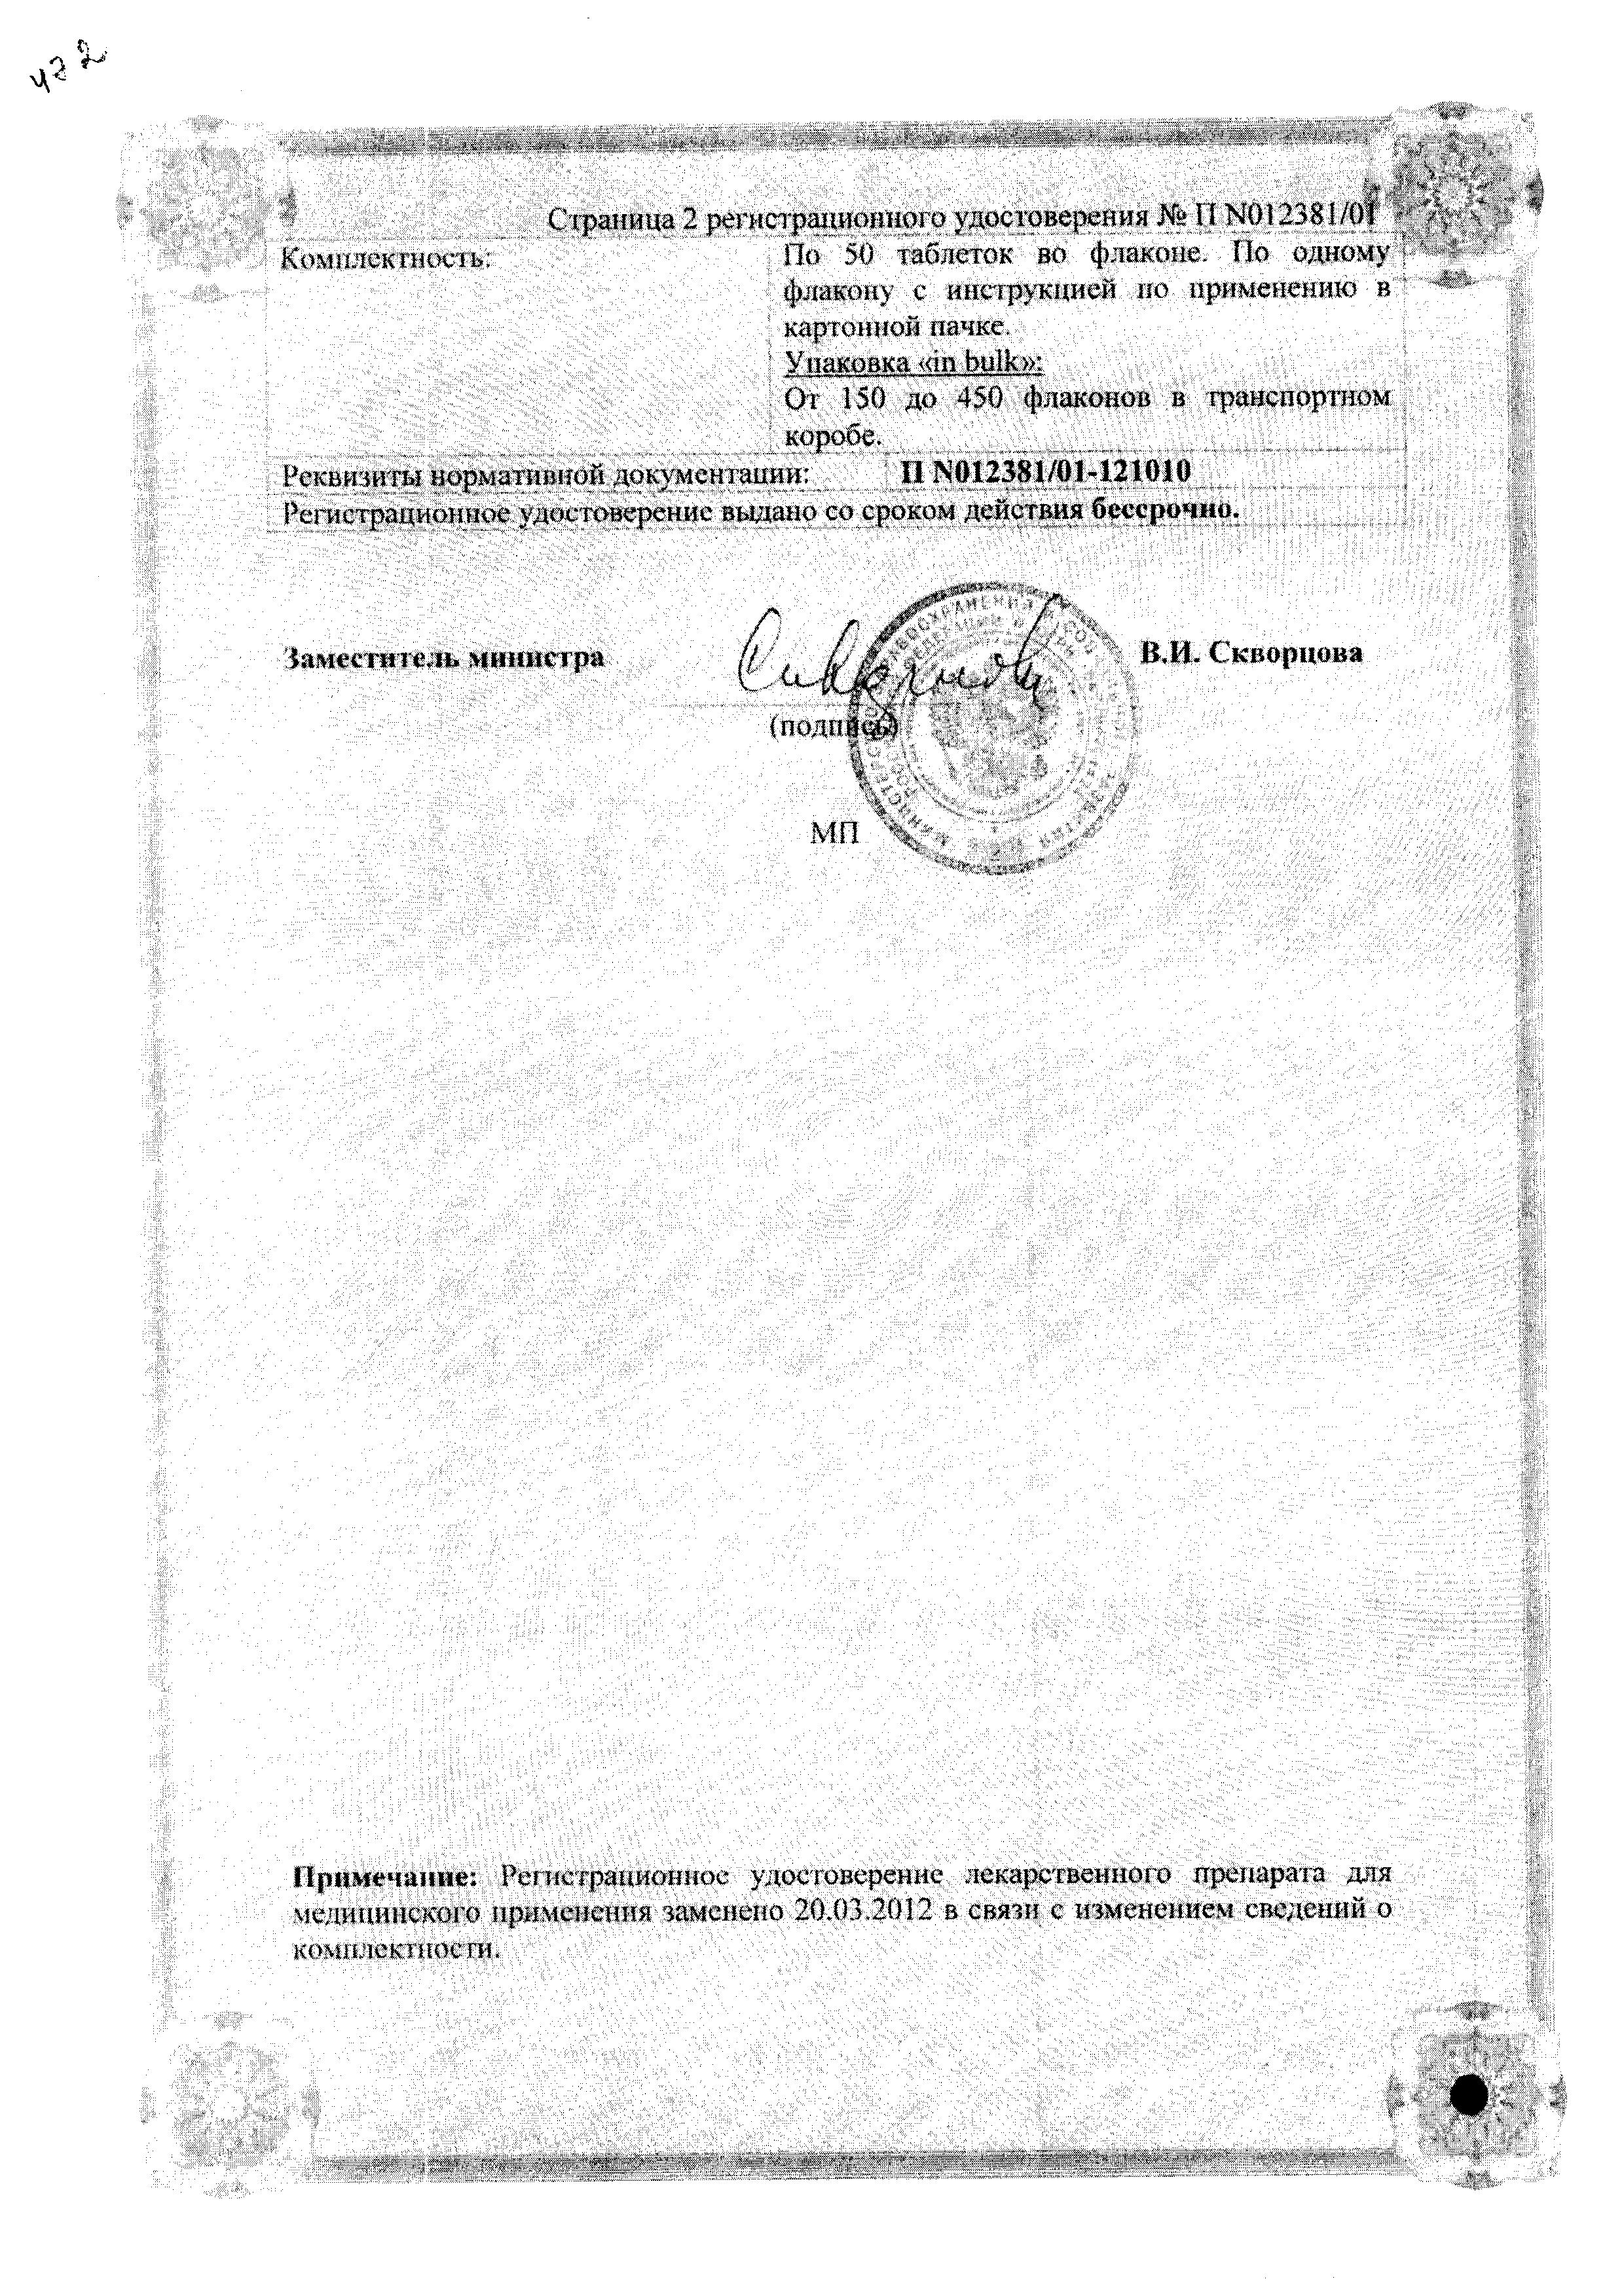 Кеналог сертификат